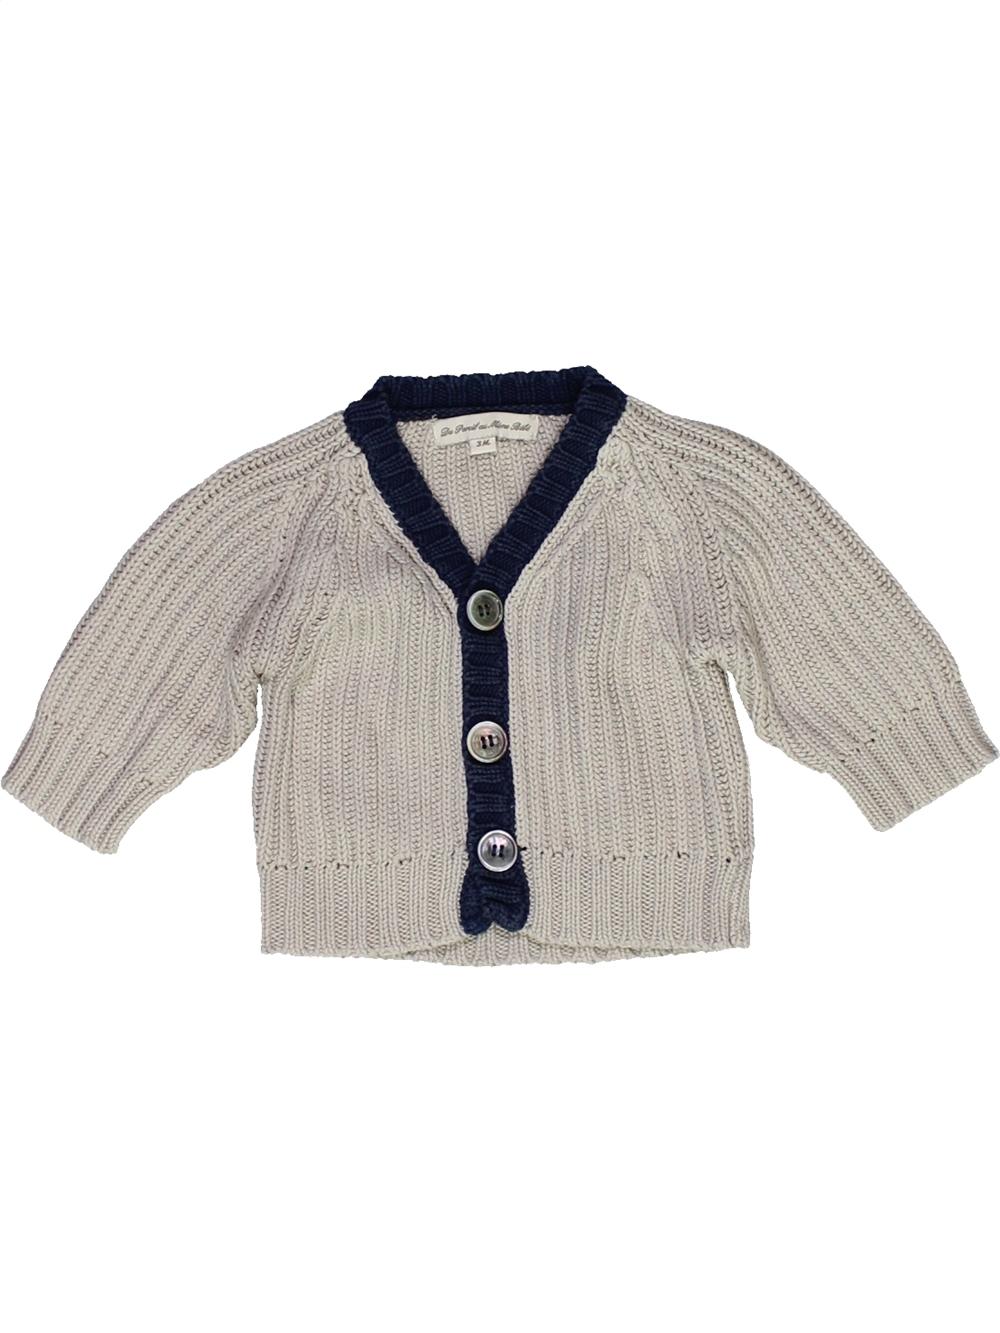 large discount designer fashion sale uk Gilet Garçon DPAM 3 mois pas cher, 4.49 € - #1033778